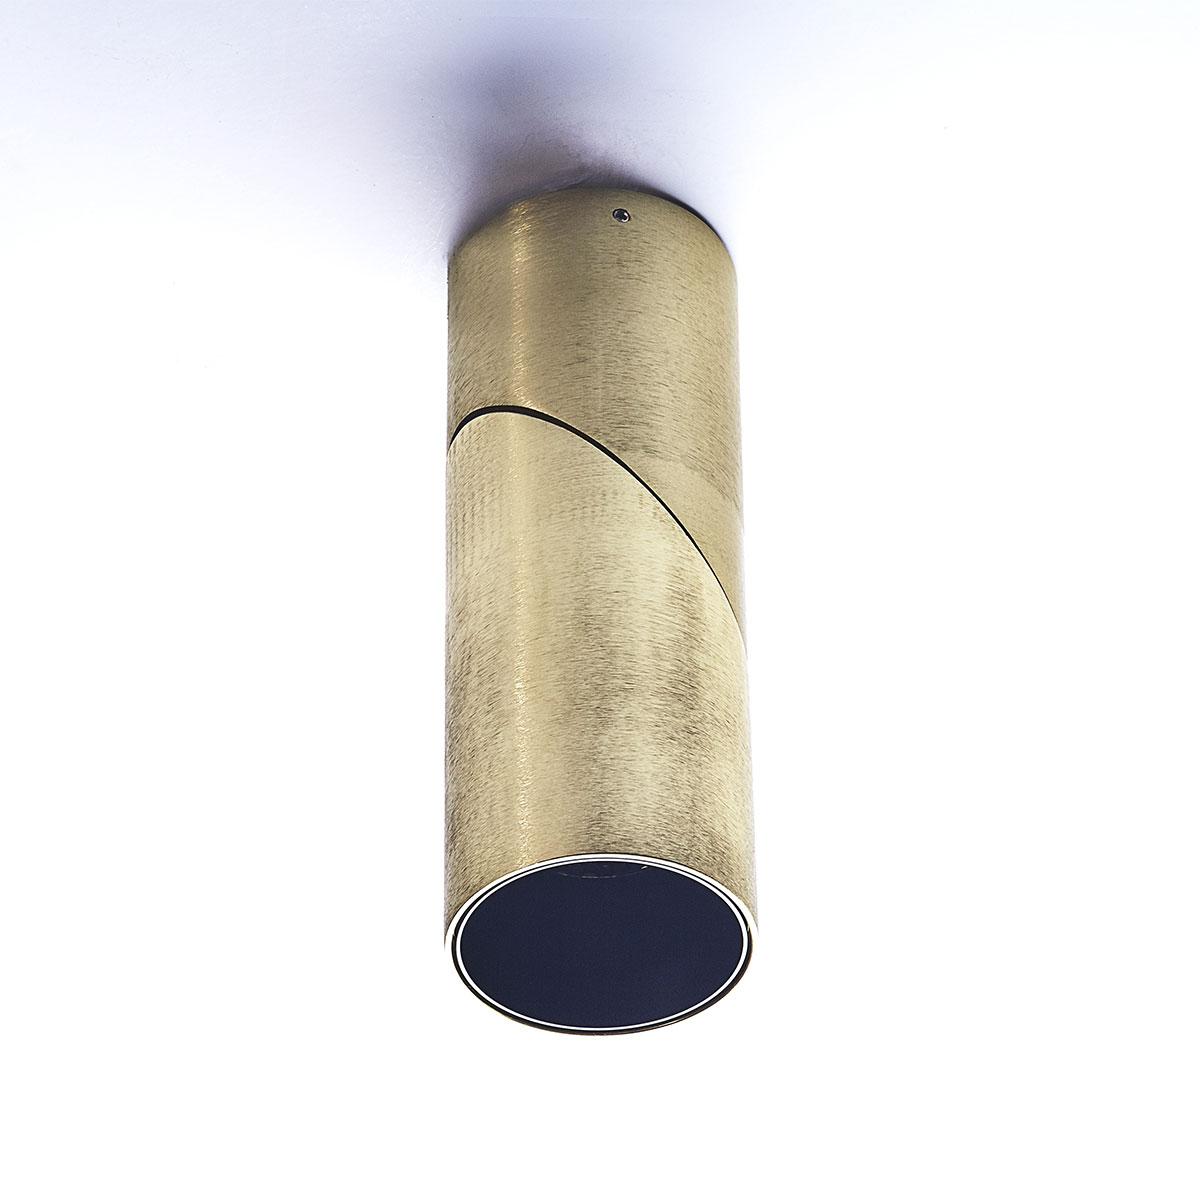 Split tube 23w polished brass 00002 1200x1200